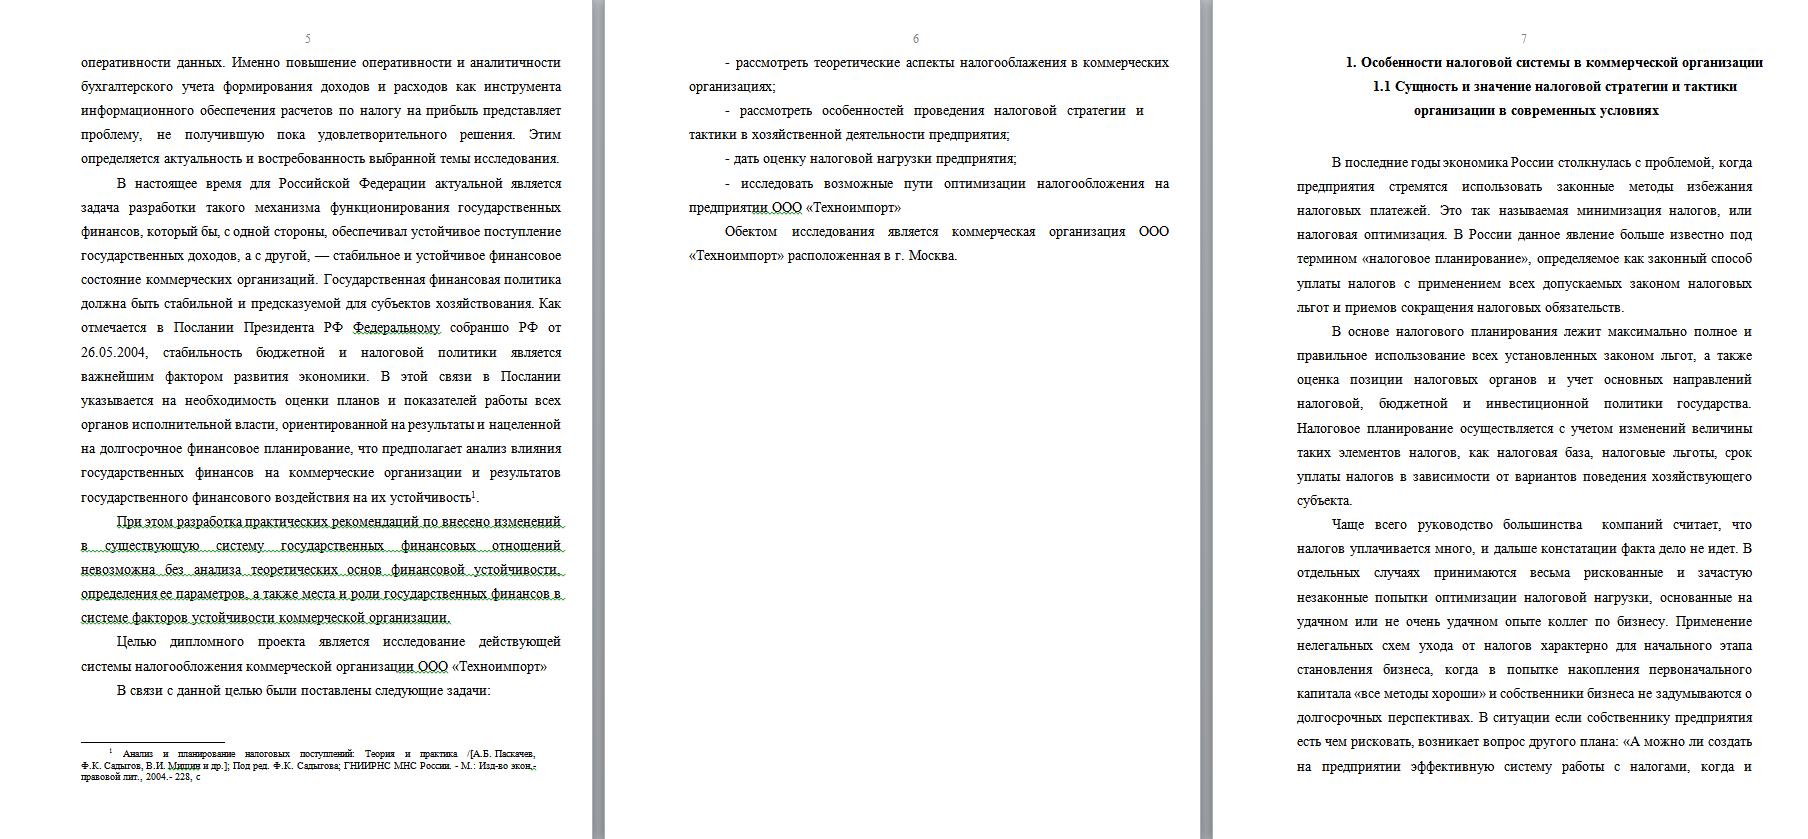 Список литературы по предмету Налоги и налогообложение  Диплом по налогам список литературы